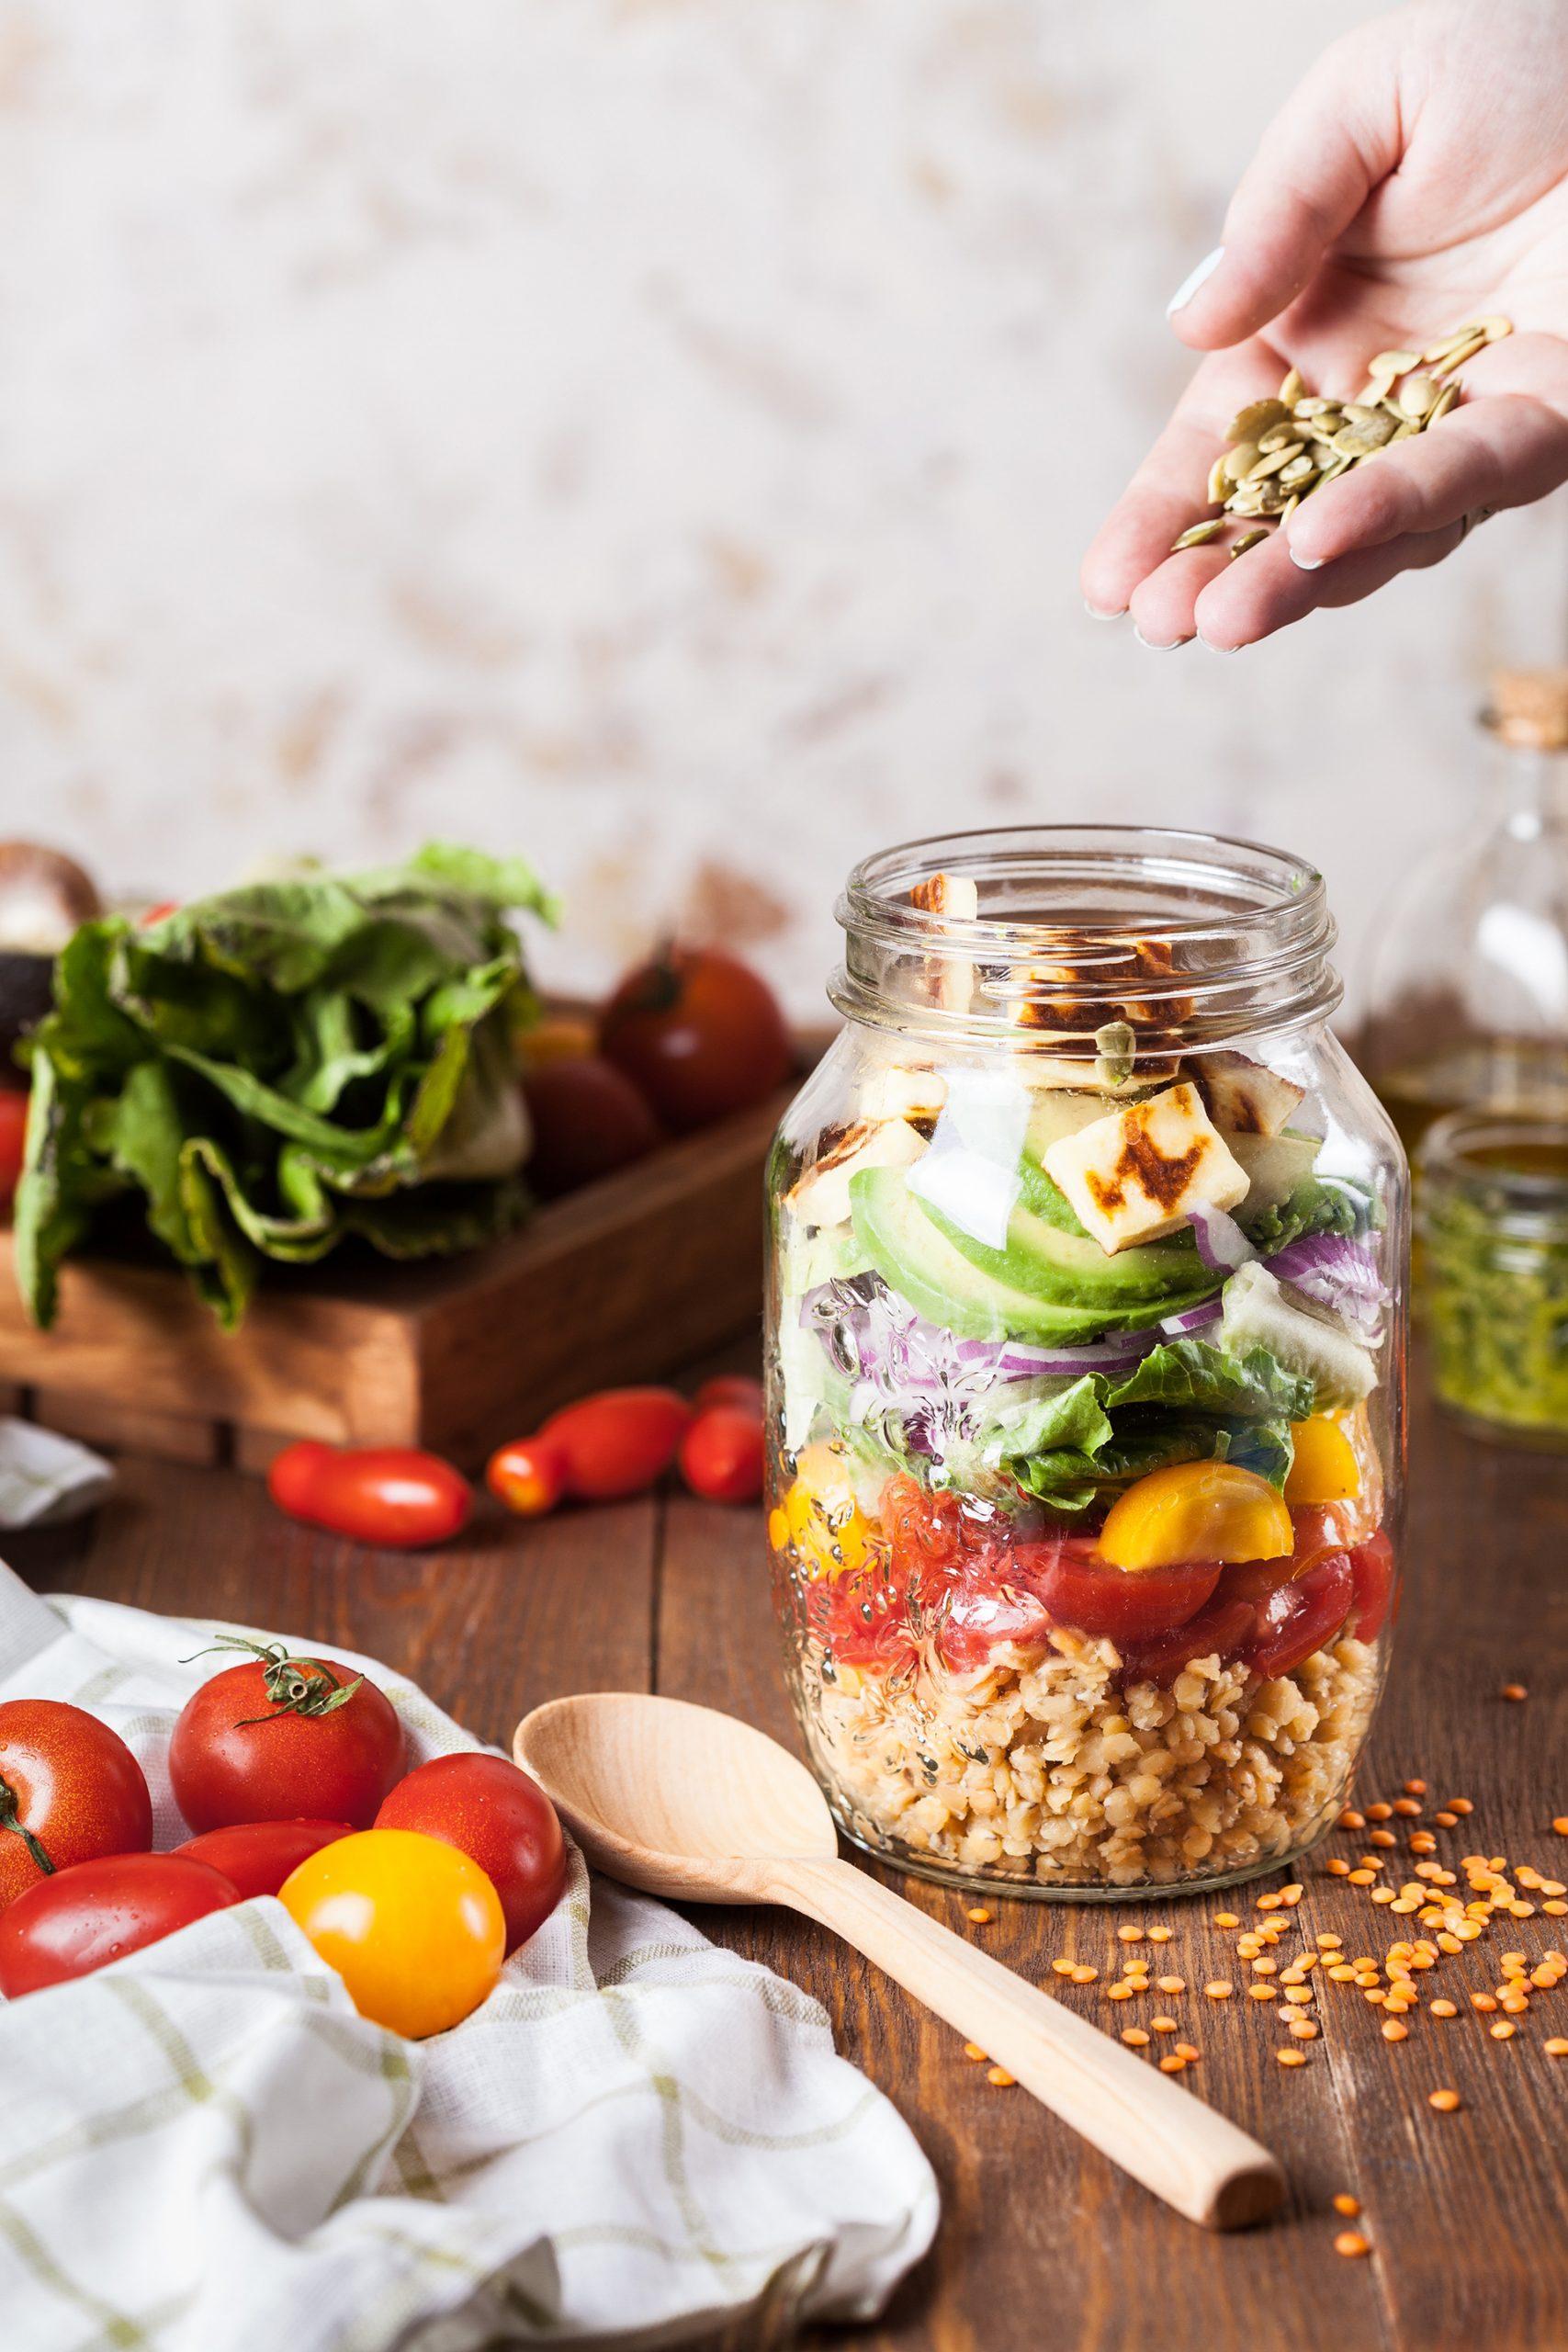 Lecker und gesund: Linsensalat im Glas